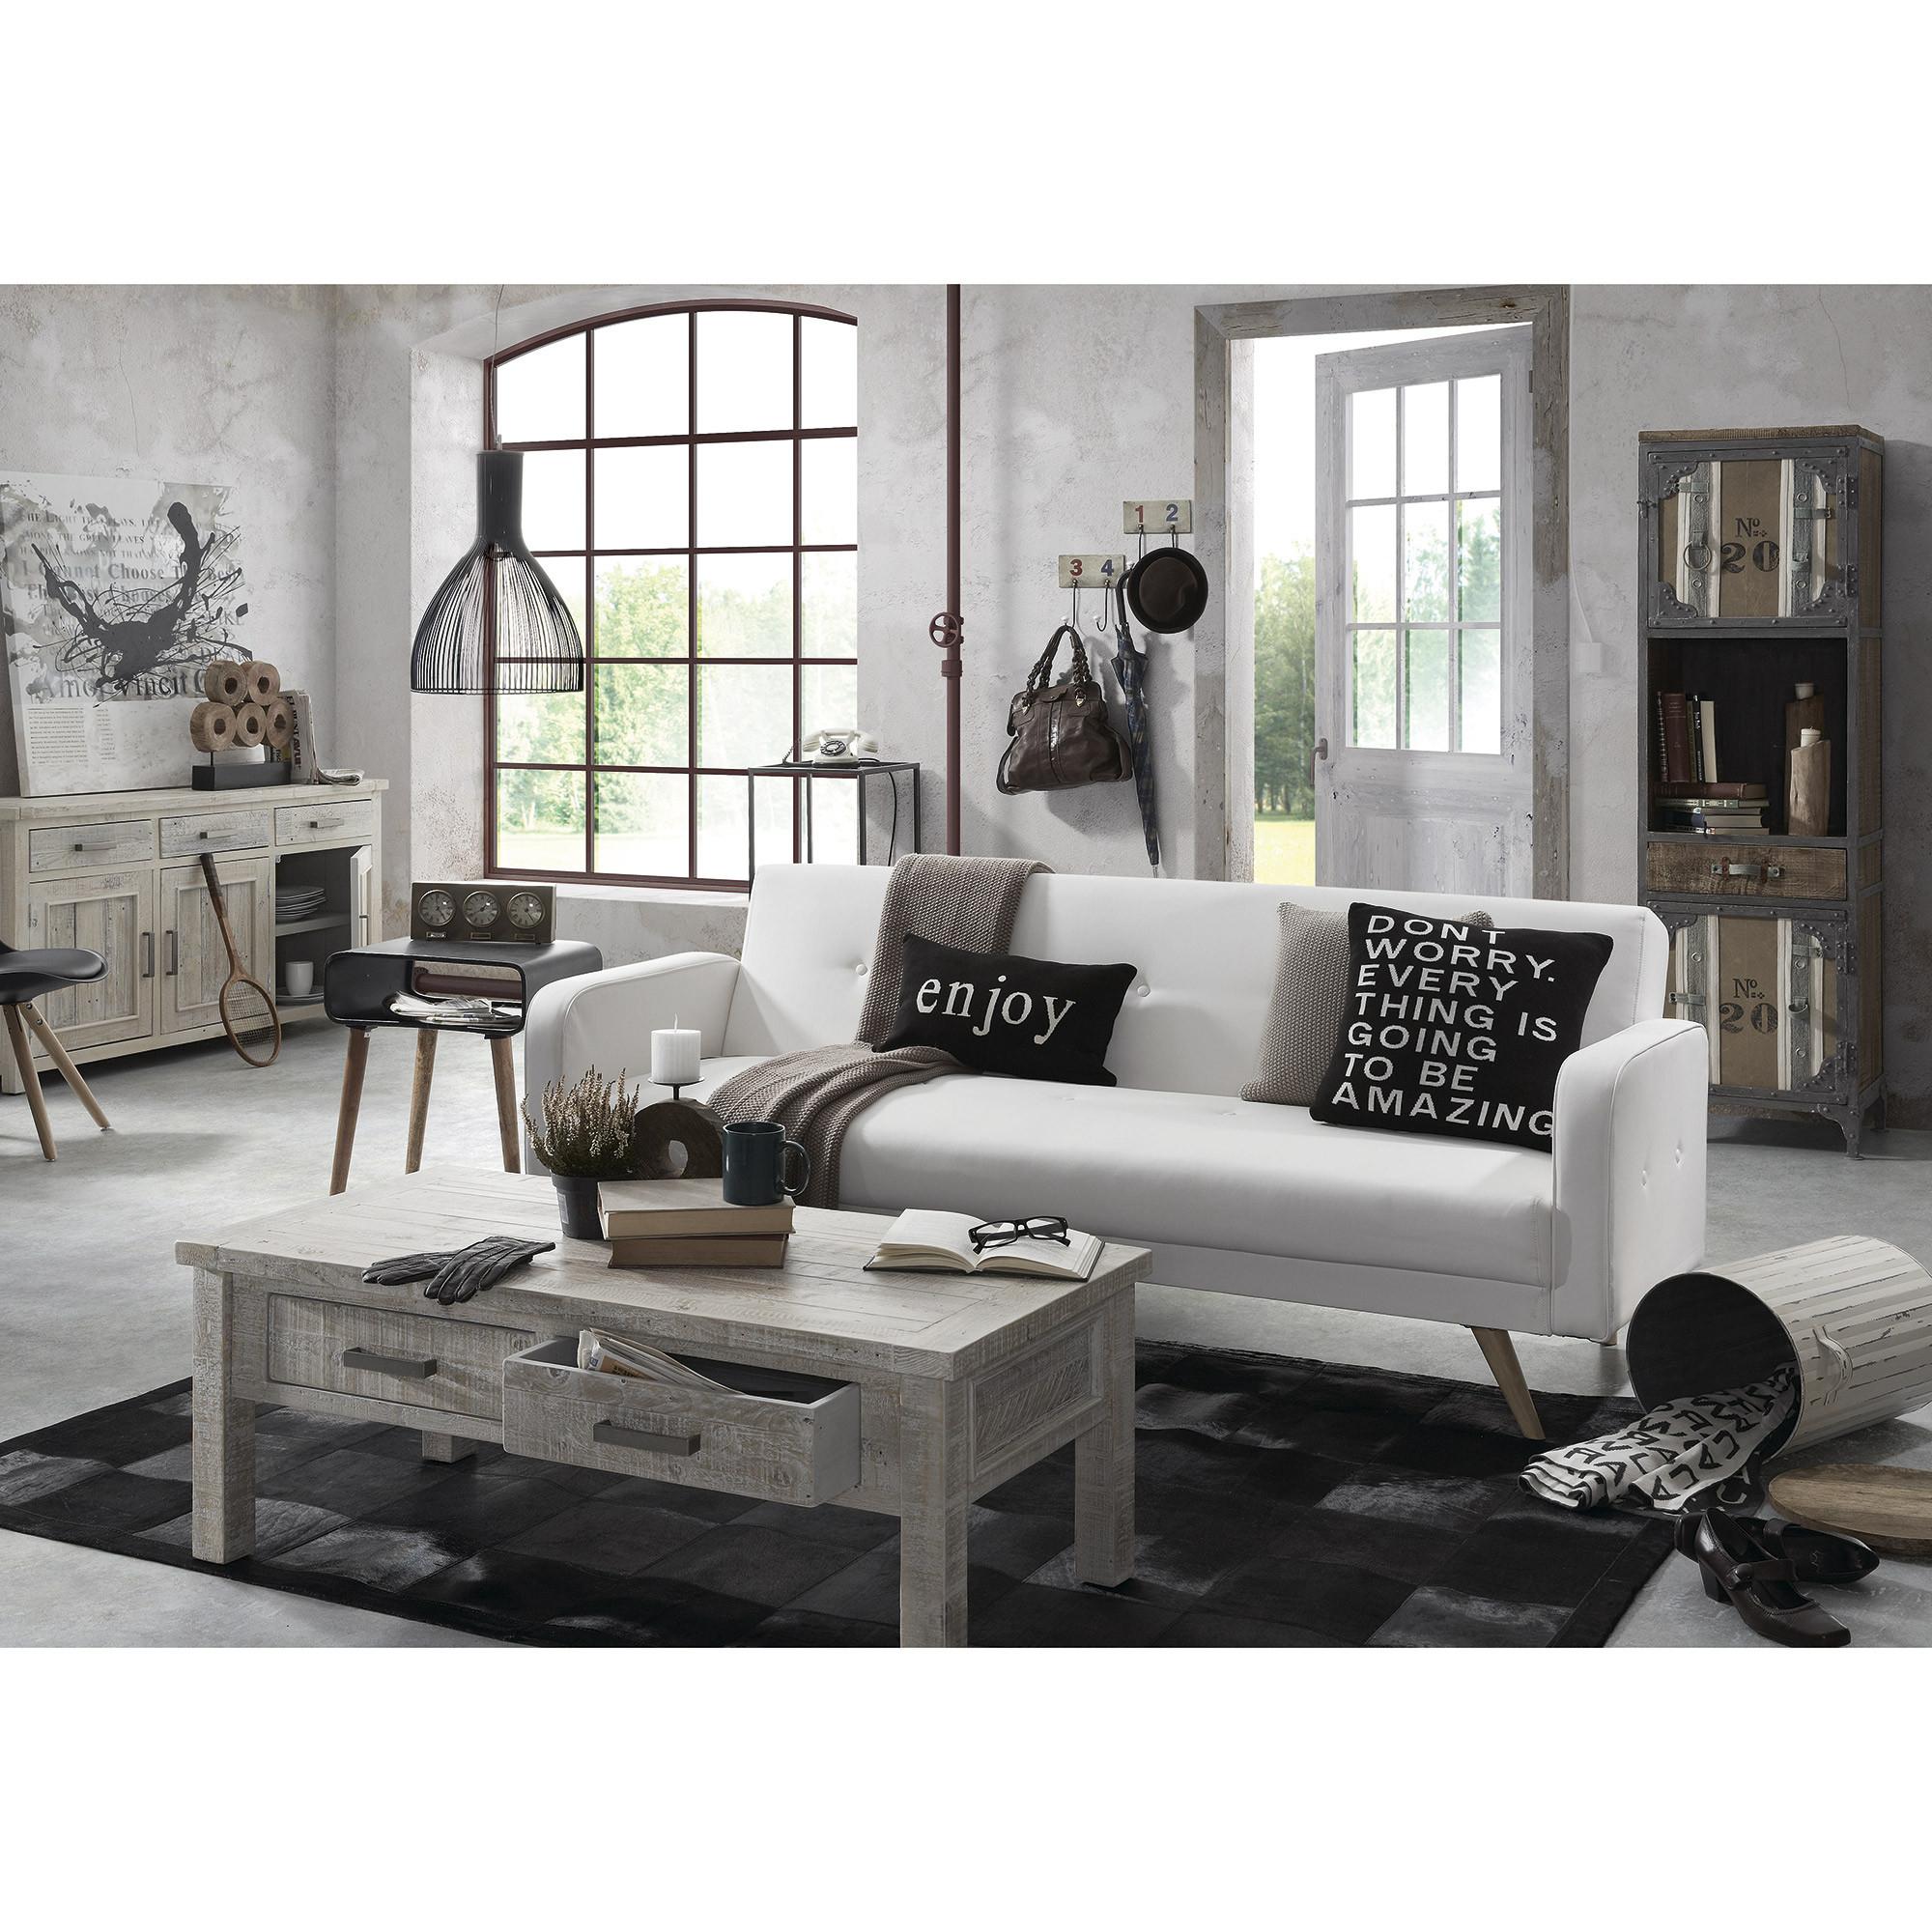 Canapé lit design scandinave ouverture clic clac avec